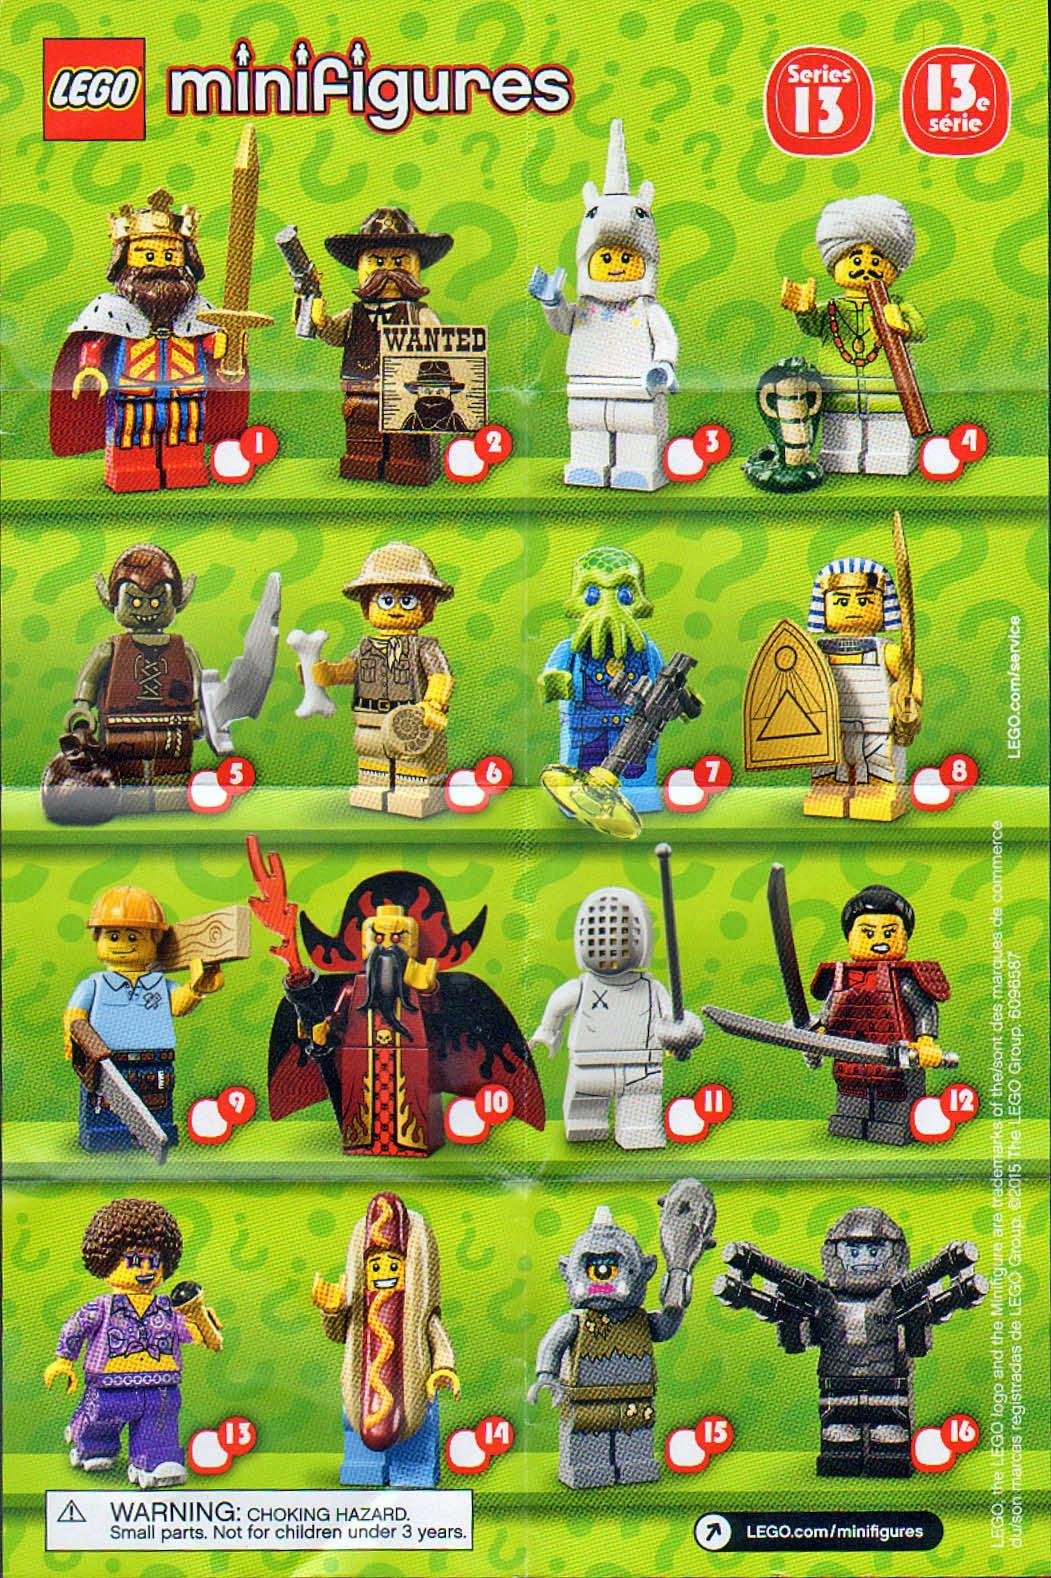 lego minifigures series 13 - photo #3